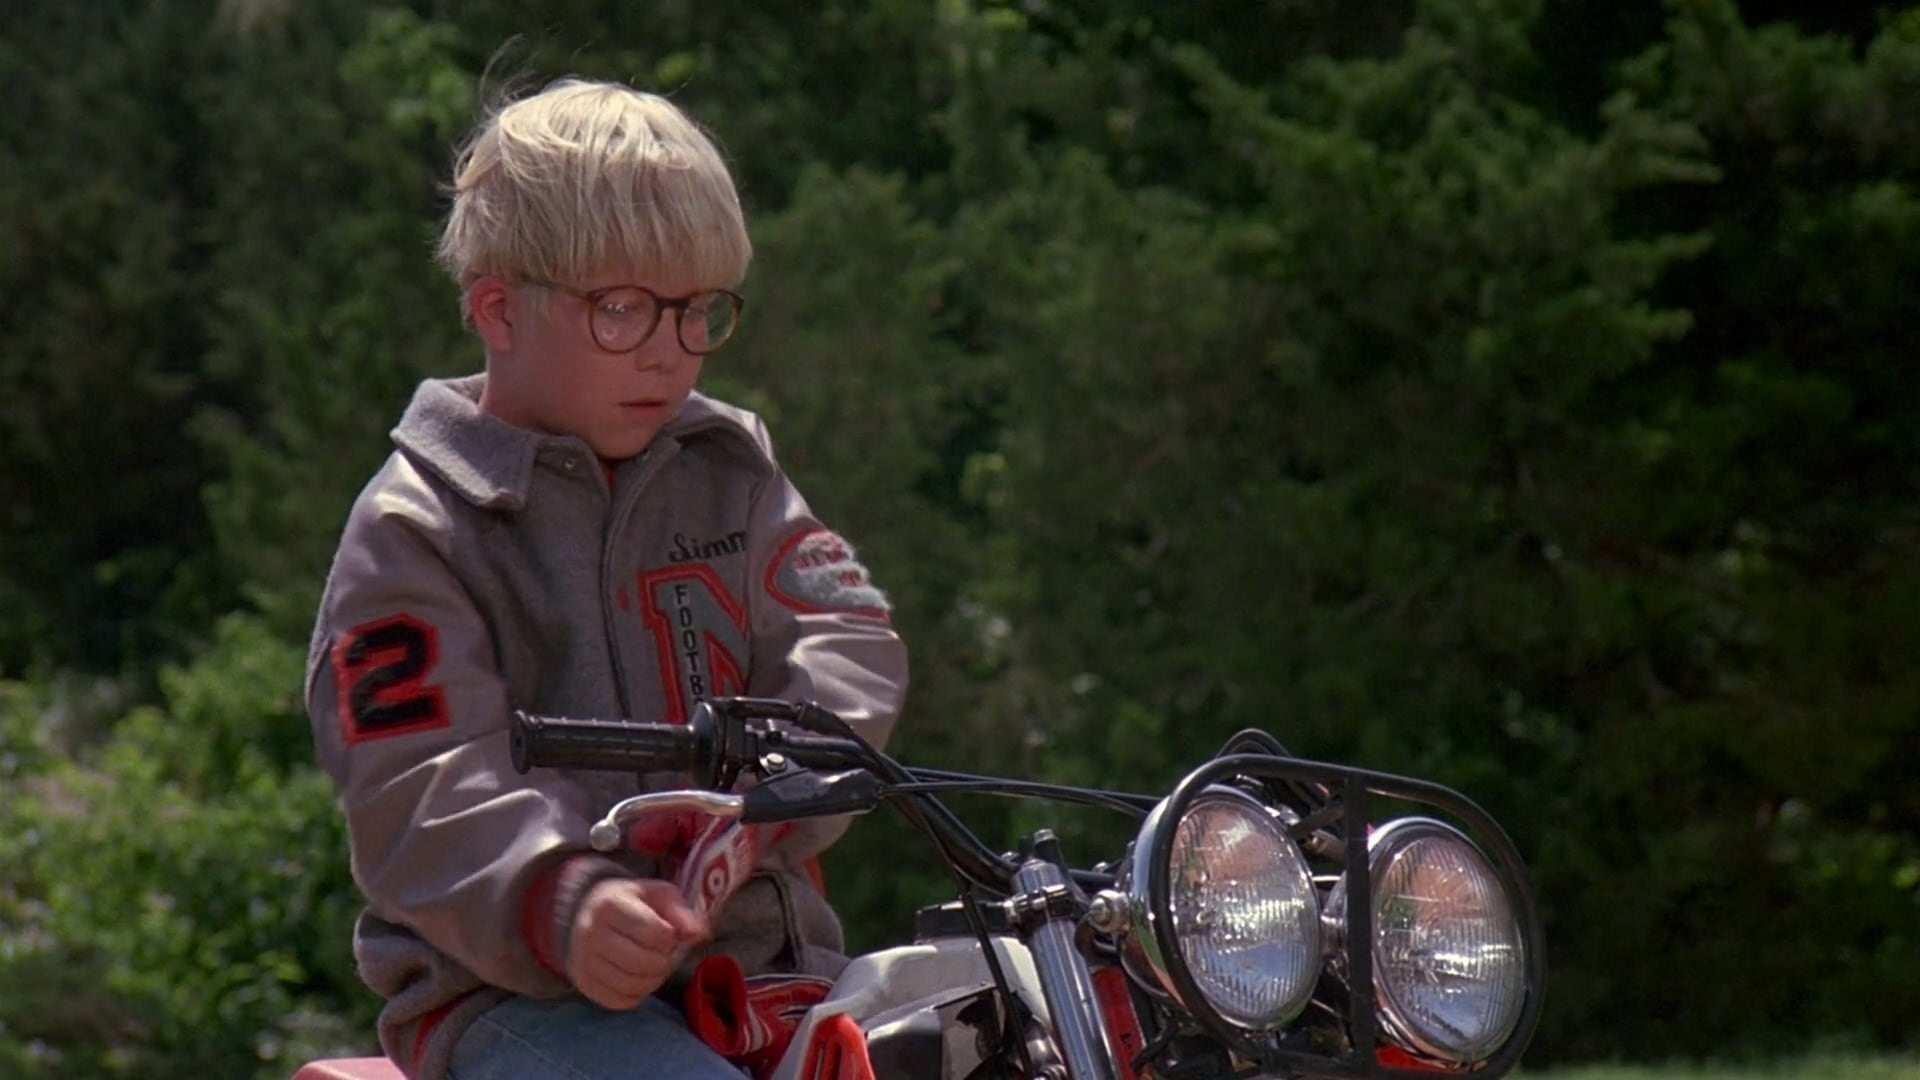 Dirt Bike Kid